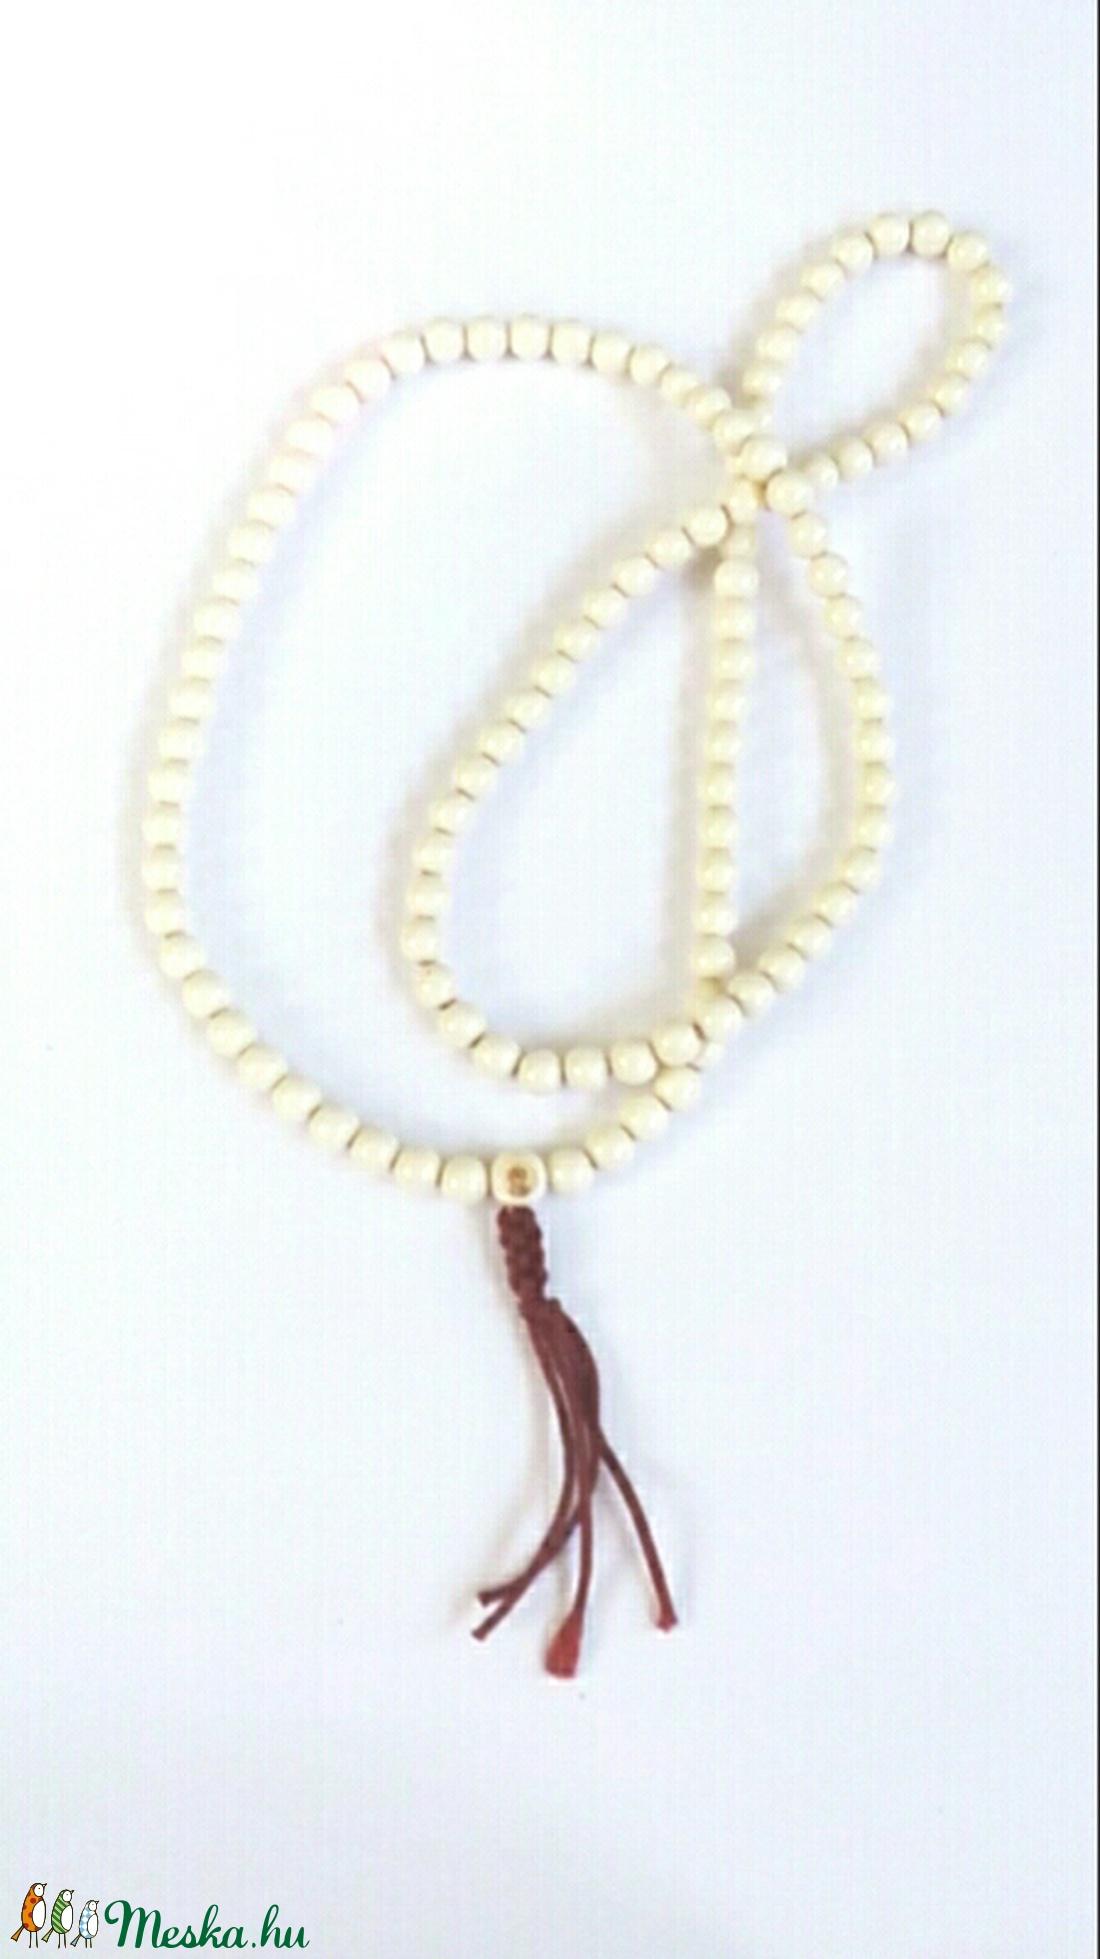 Mala, fehér színű, 8 mm-es, akril gyöngyökből készült. A kezdő szemen védő istenség képe. 108 szemmel. (oldjeansgarboo) - Meska.hu